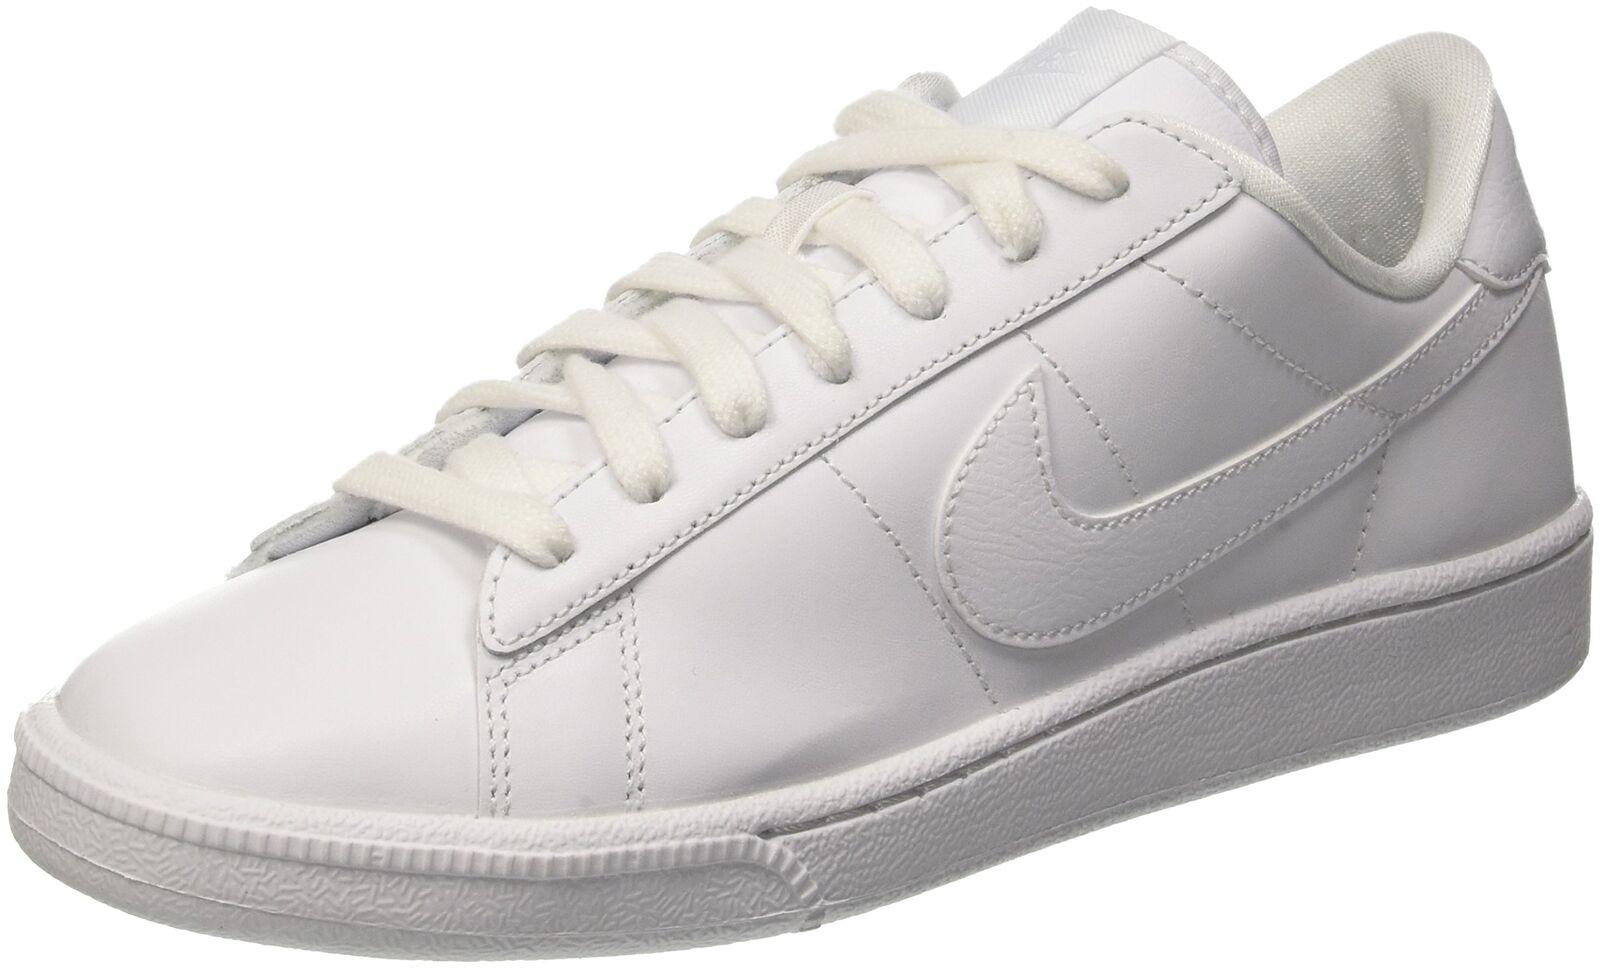 Nike Uomini Tennis Classico Moda Di  Cuoio Bianco Di  Di  Da Ginnastica 10 S (M) Noi dcc2a1